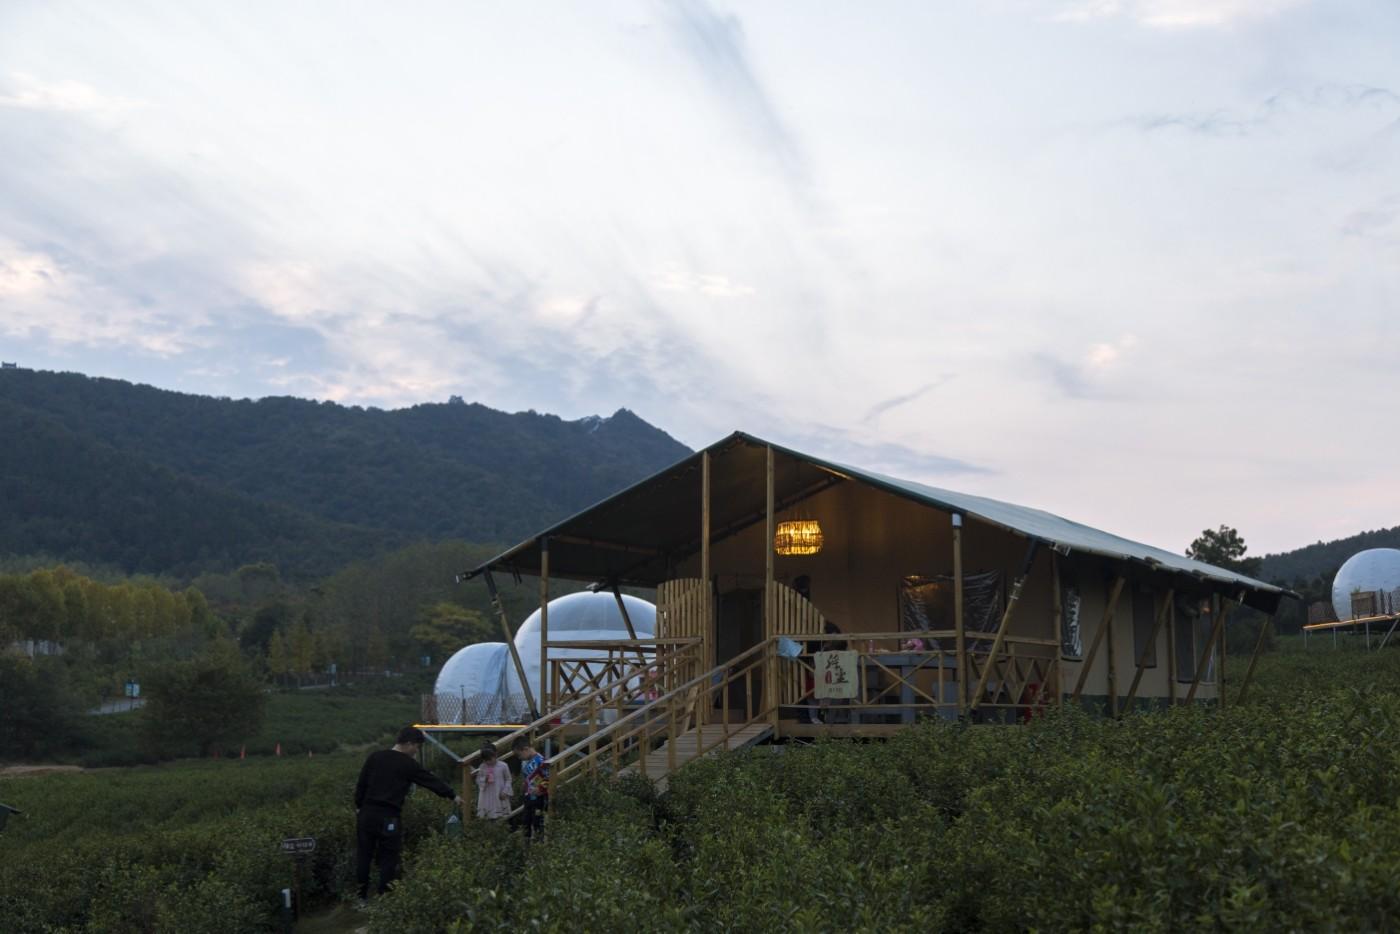 喜马拉雅野奢帐篷酒店—宝盛园夜色14